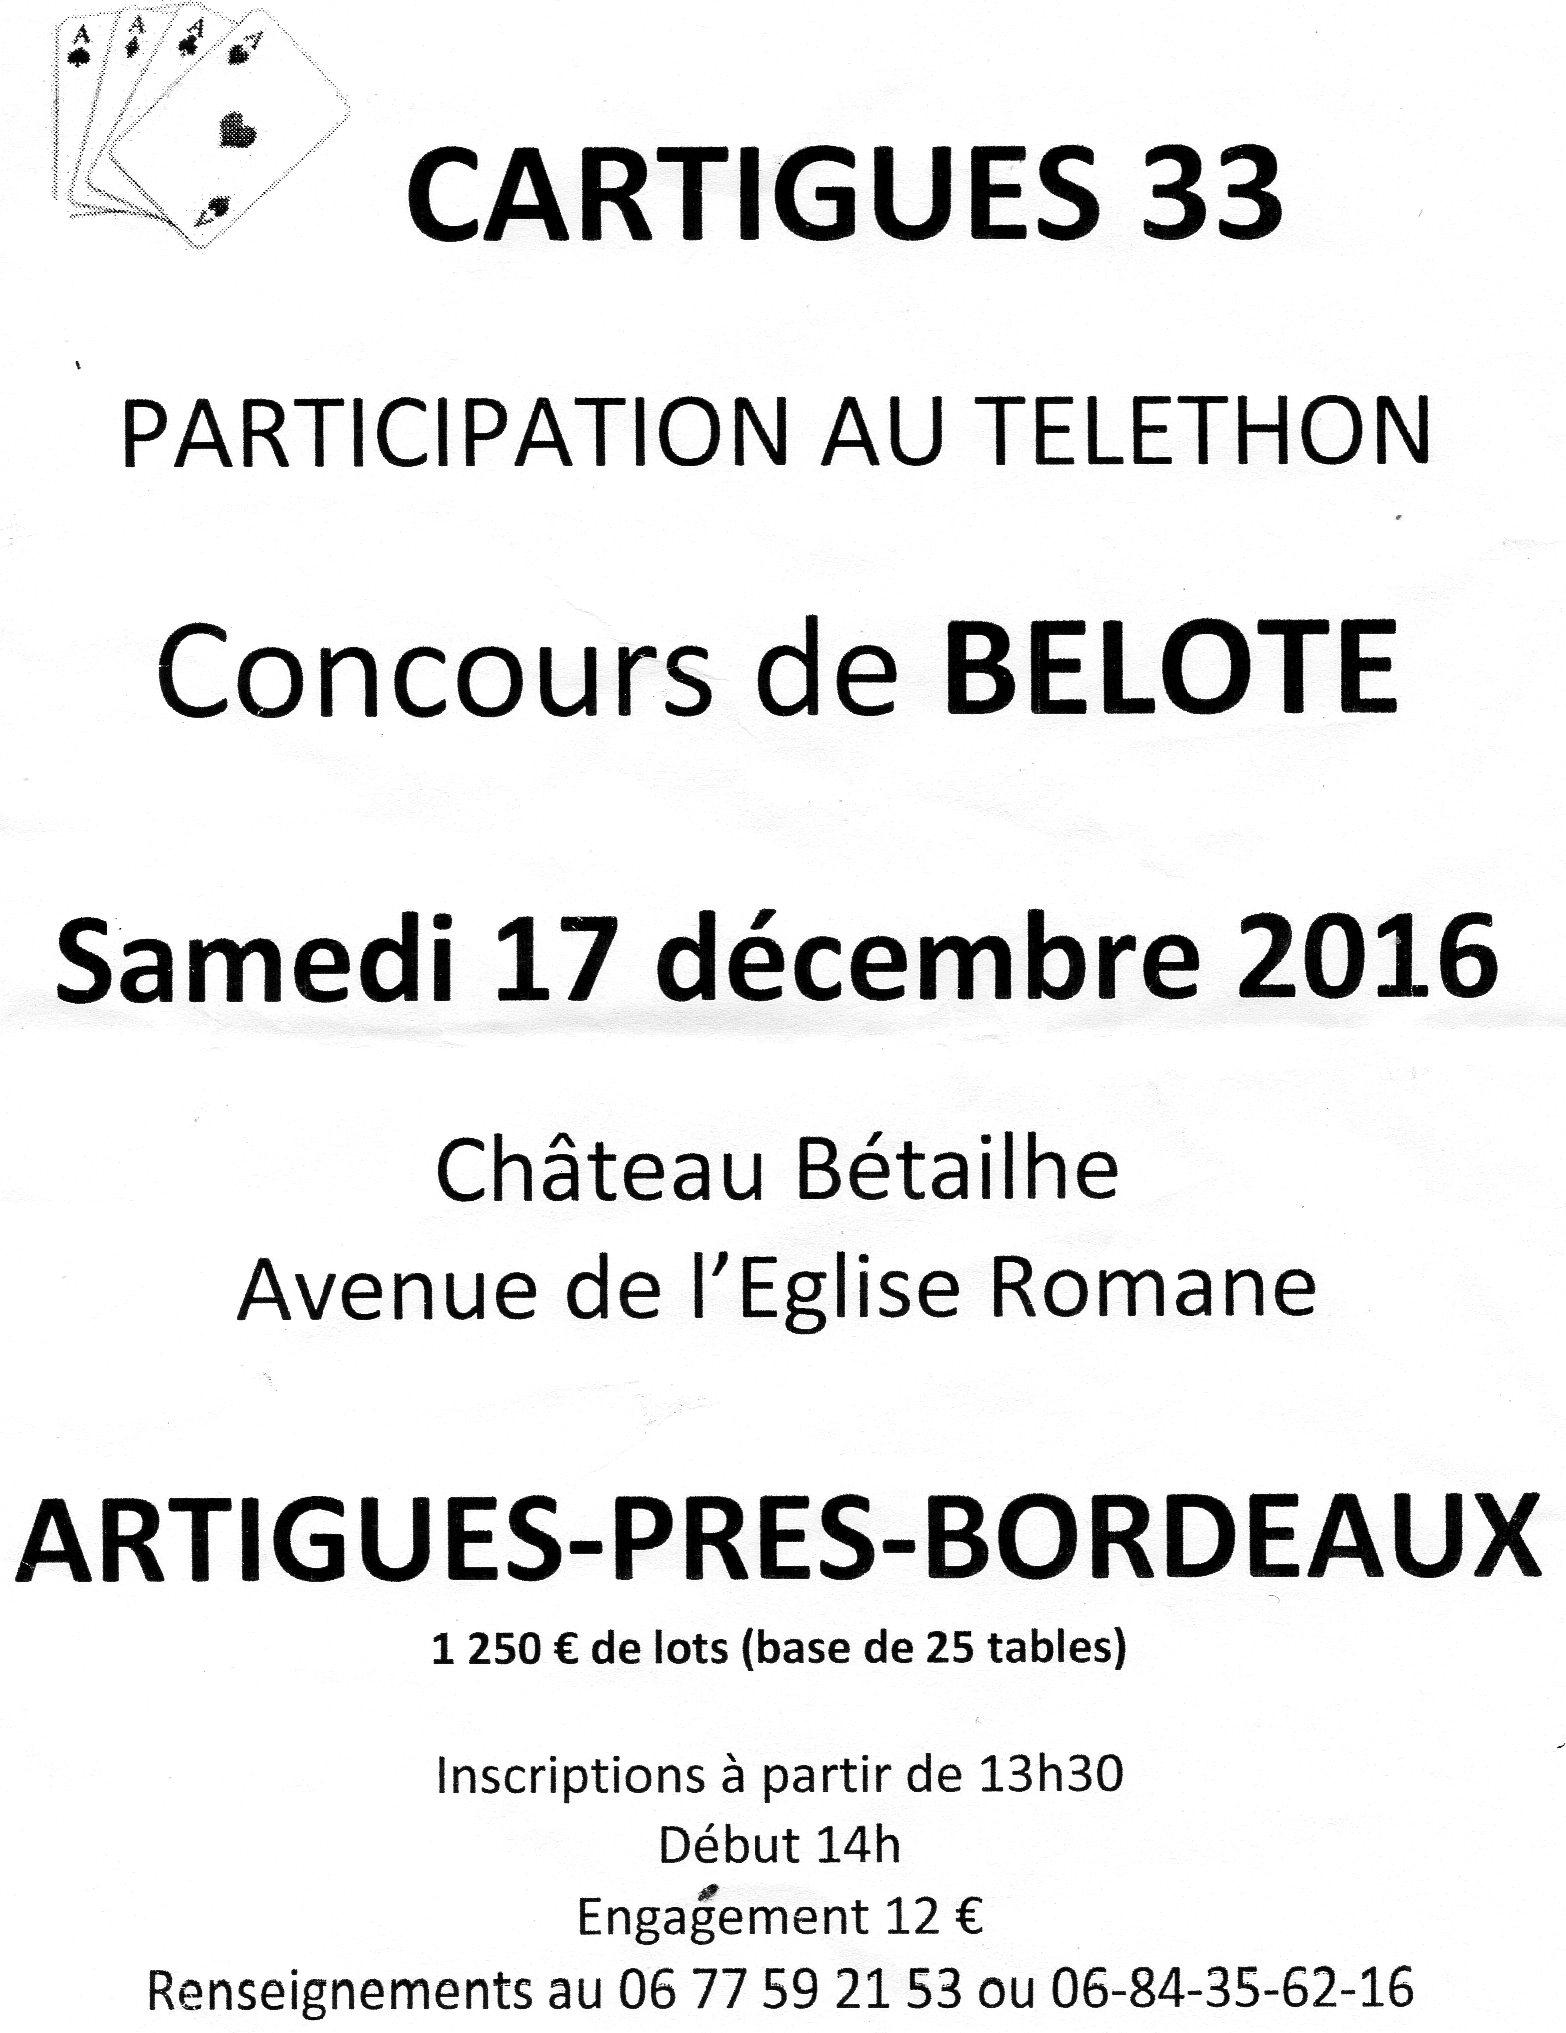 Concours de belote samedi 17 décembre 2016 à Artigues près de Bordeaux